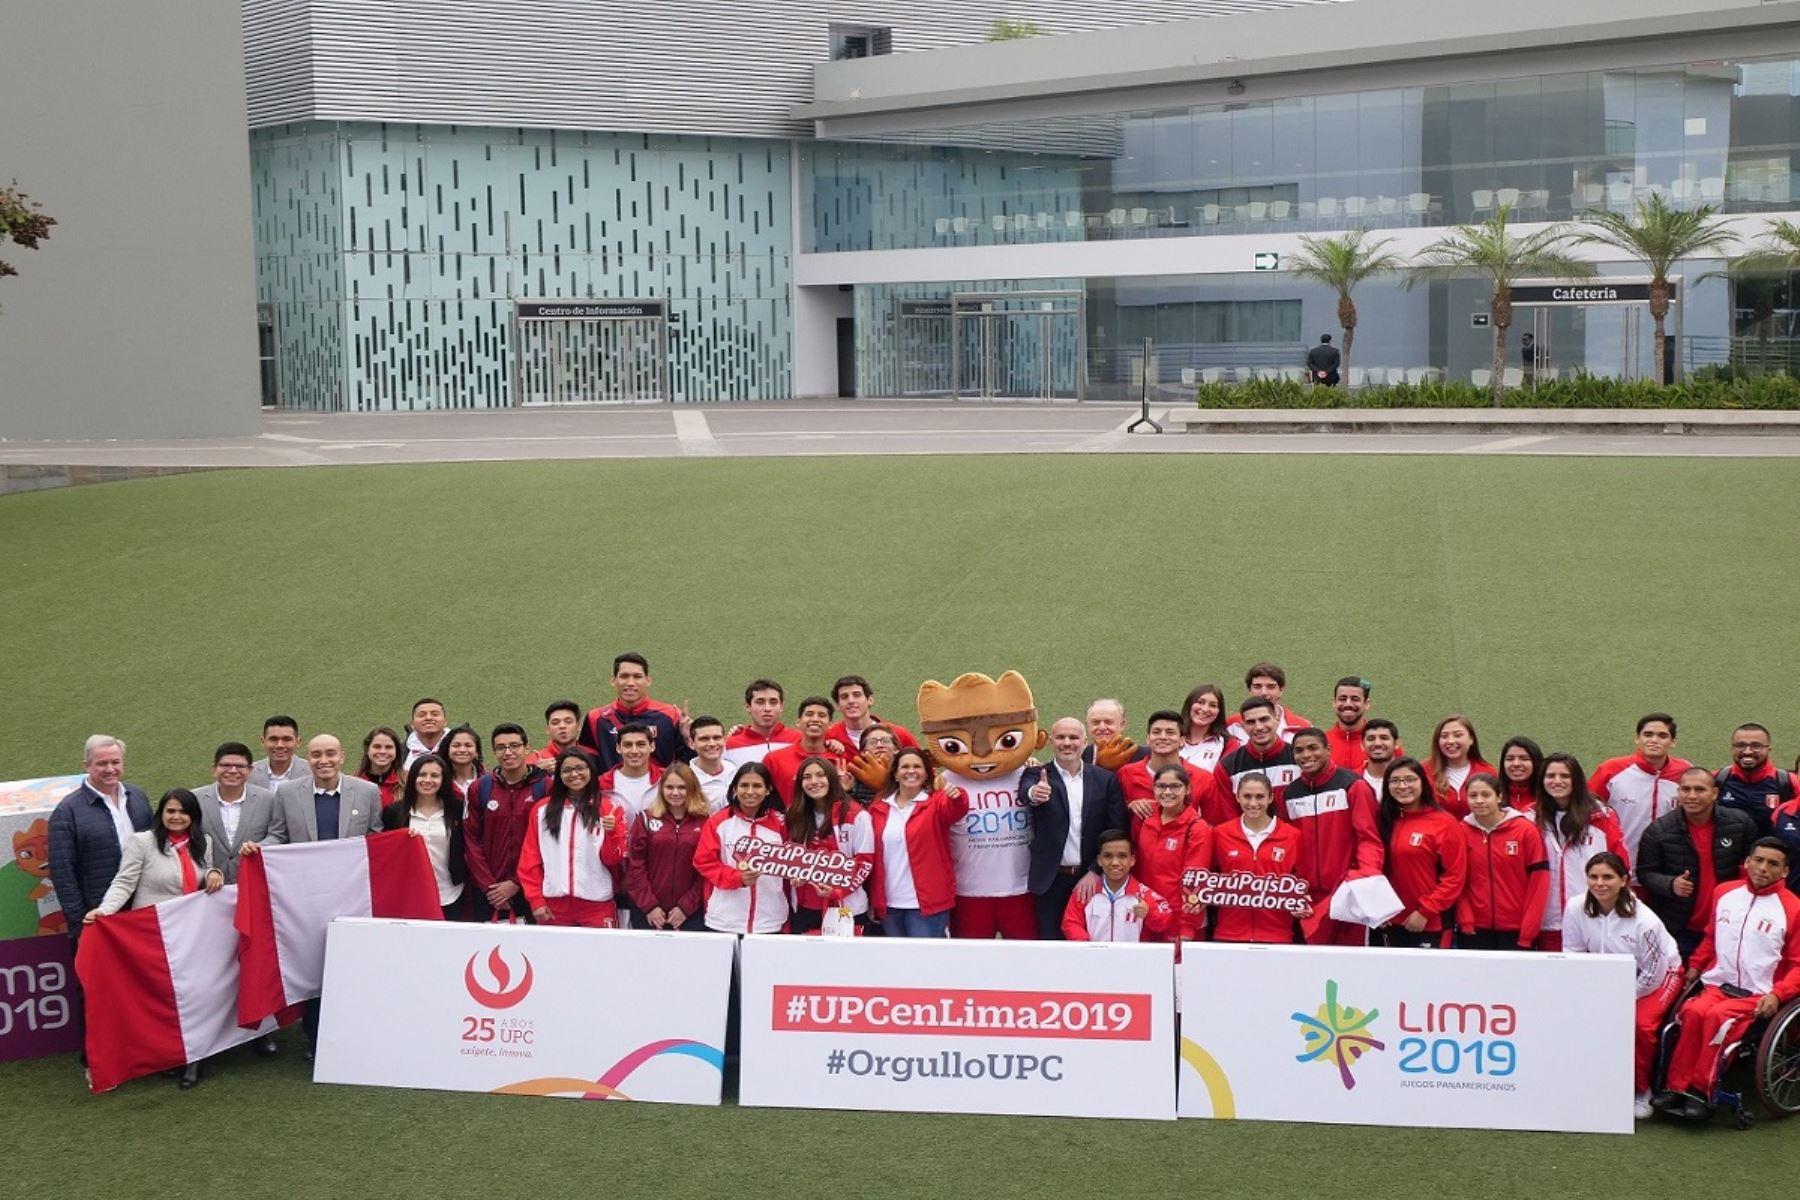 La UPC homenajeó a deportistas que participarán en Lima 2019